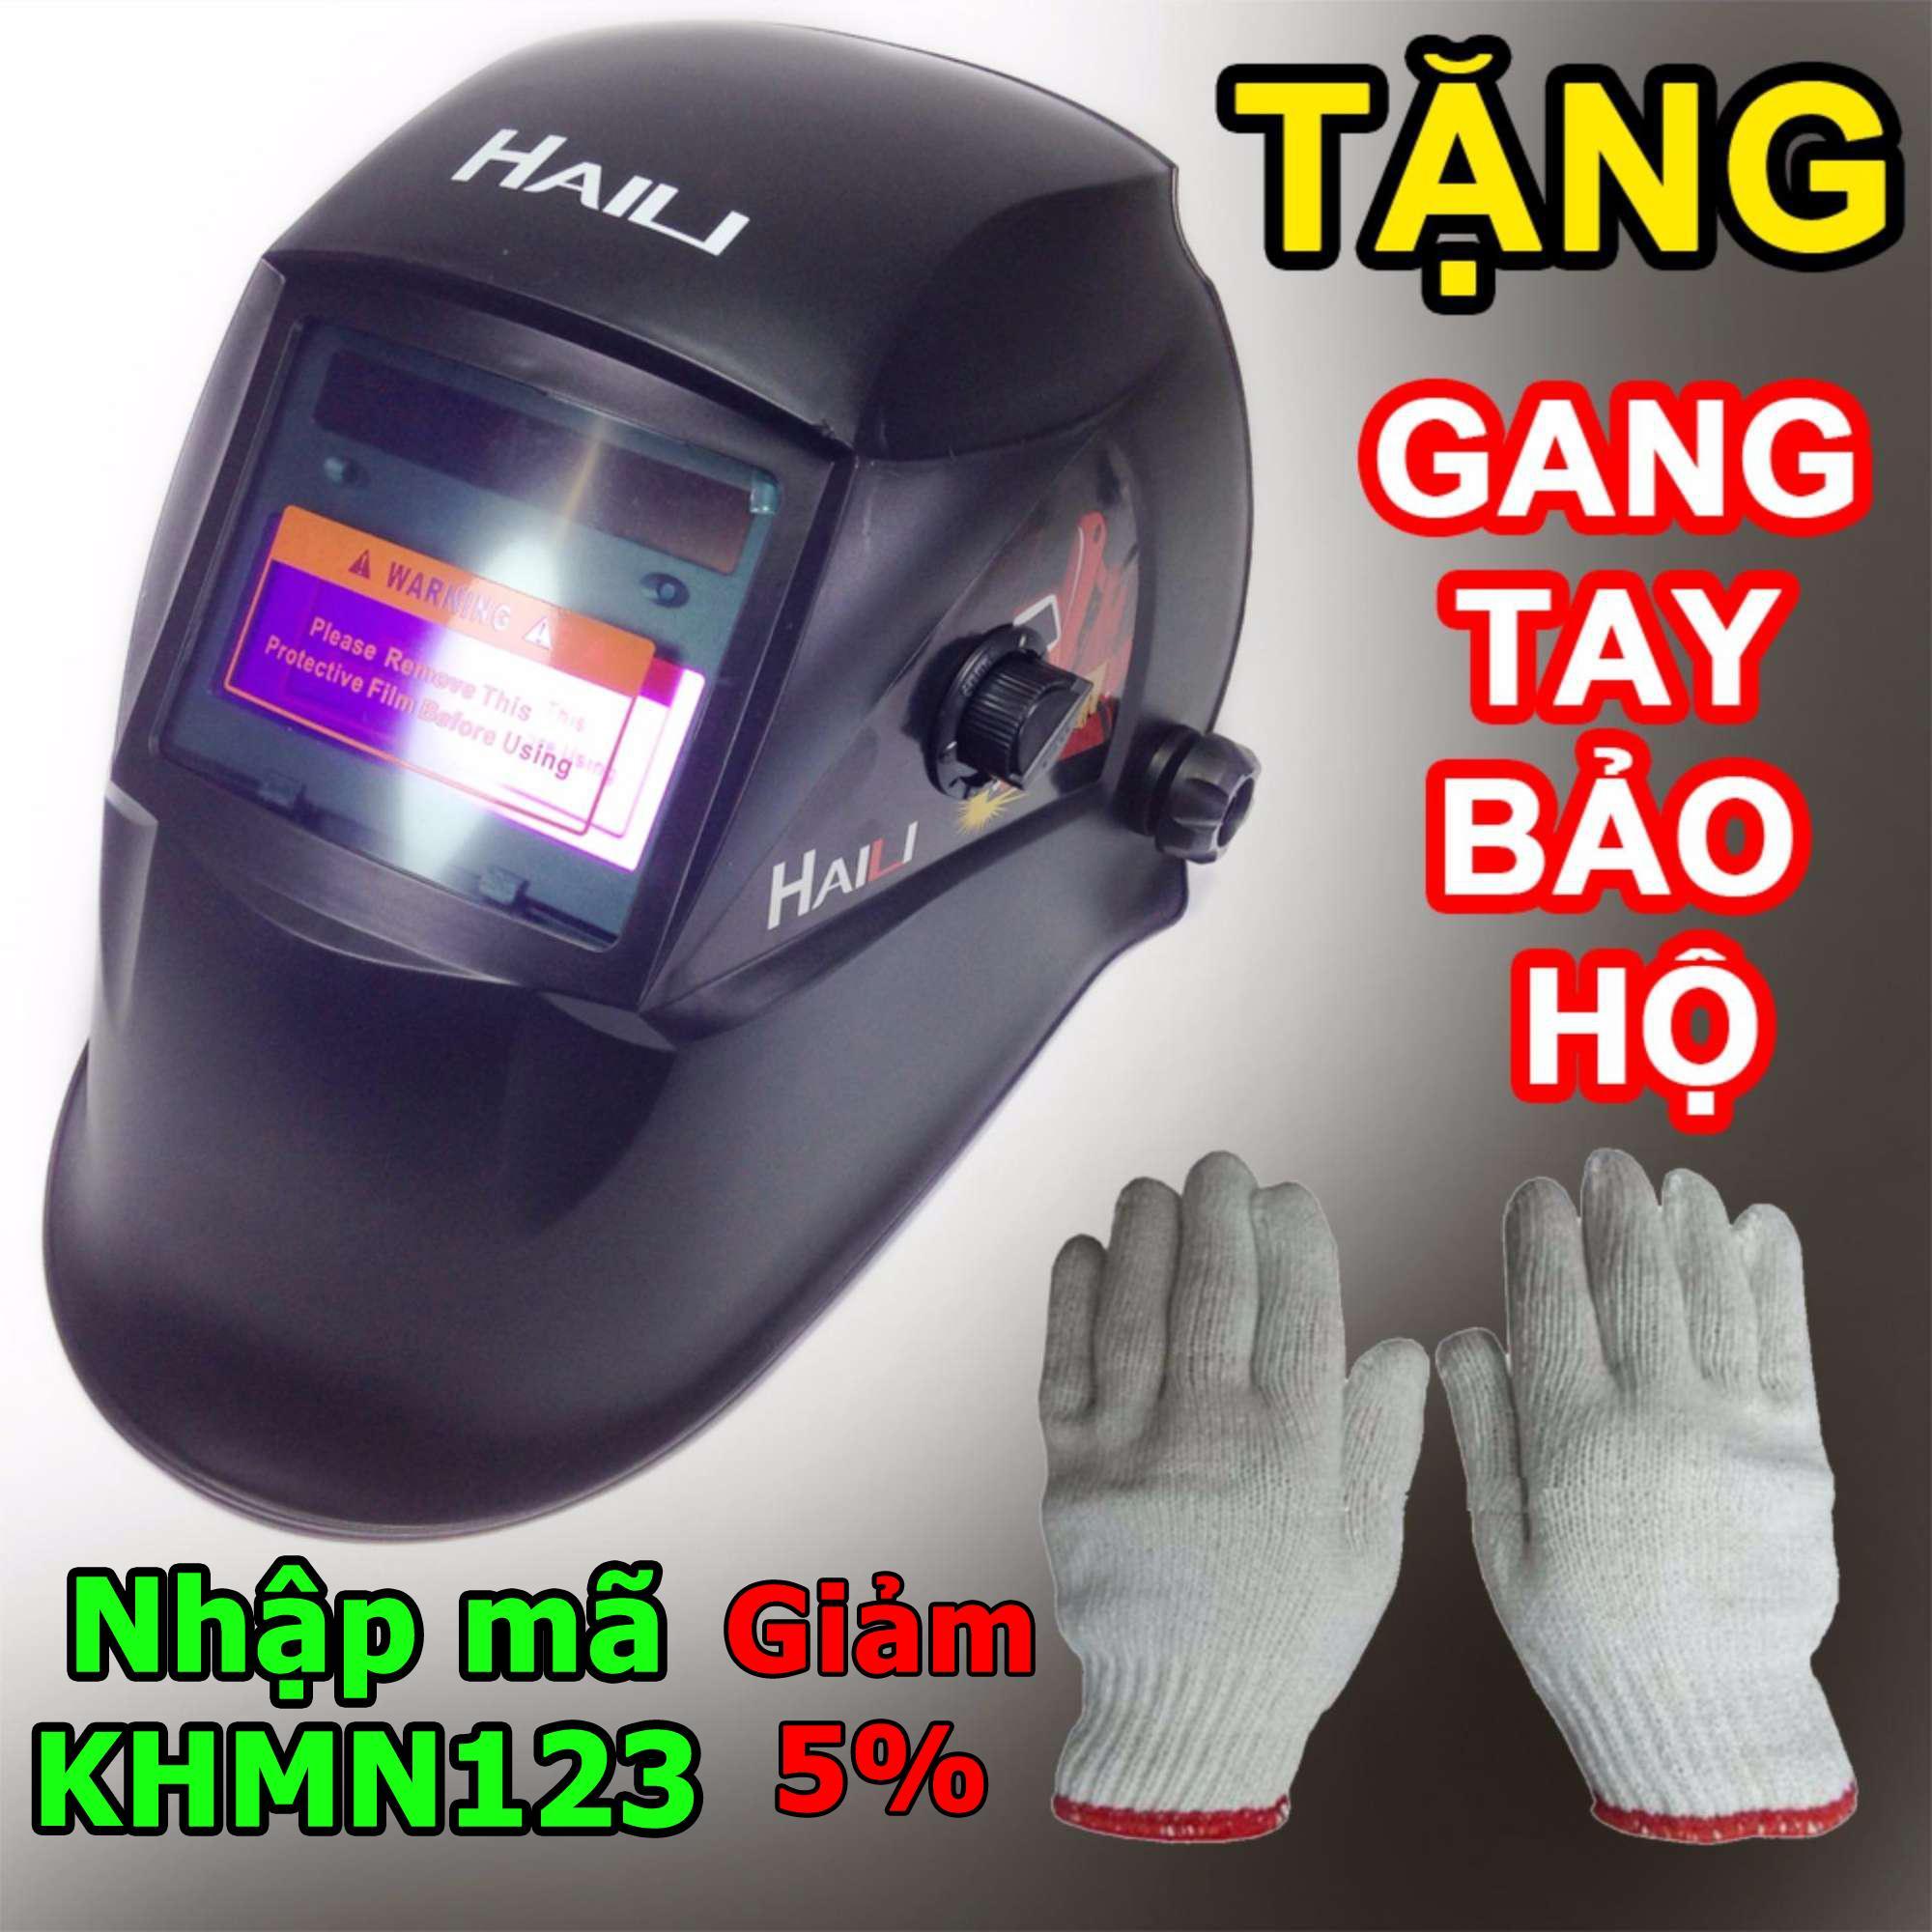 Bán Mặt Nạ Han Điện Tử Tặng 01 Đoi Gang Tay Bảo Hộ Lao Động Rẻ Nhất